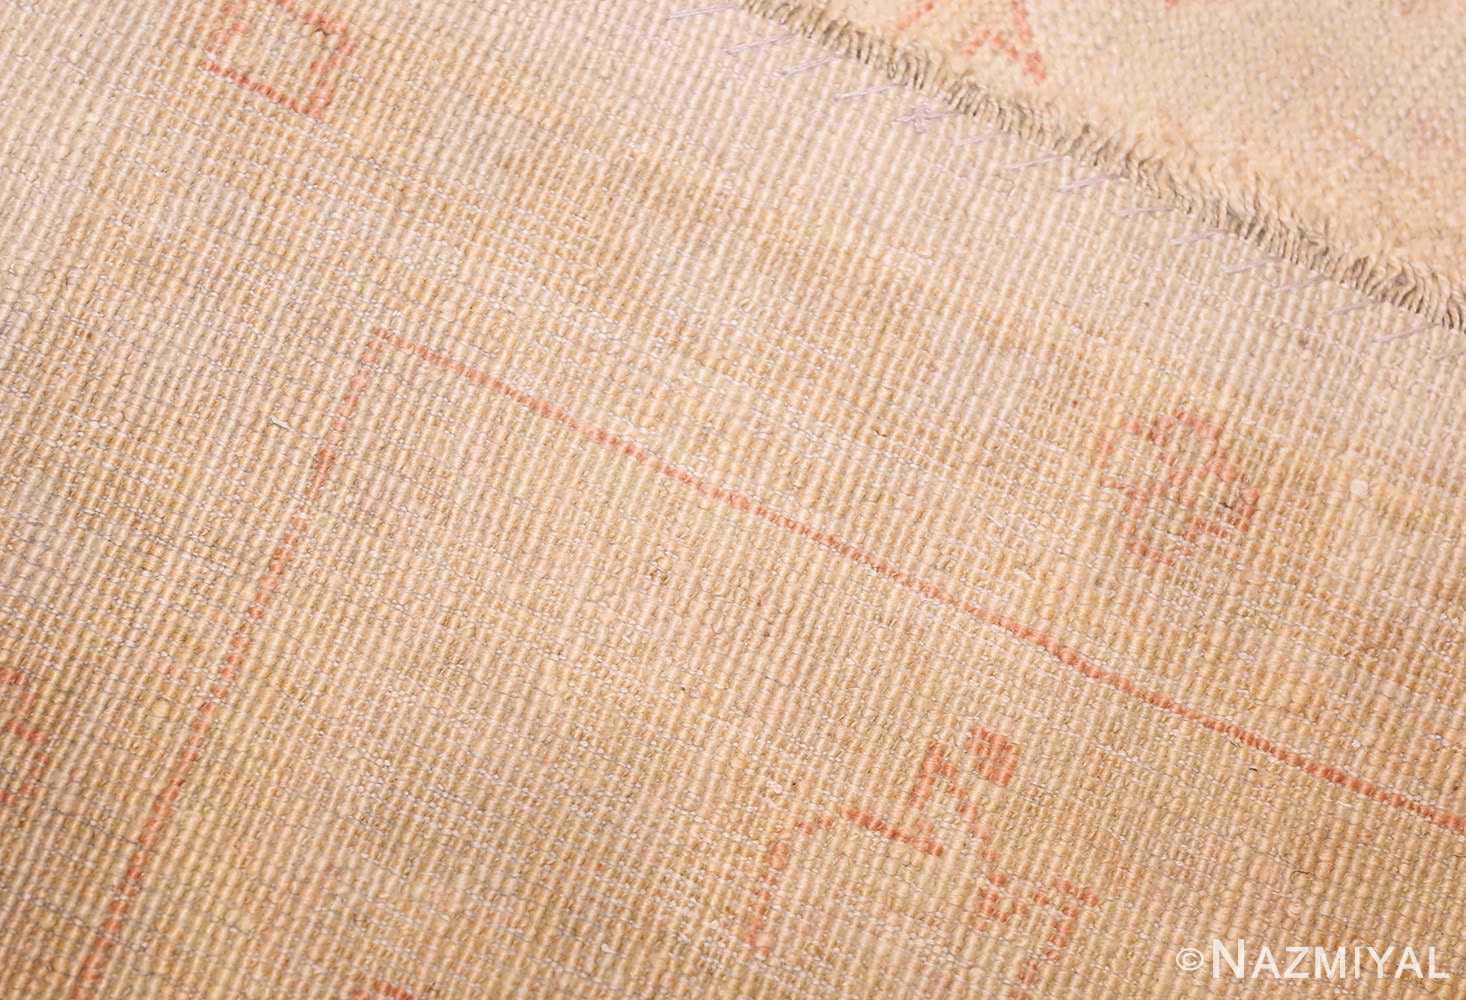 large square size antique decorative turkish oushak rug 48377 weave Nazmiyal